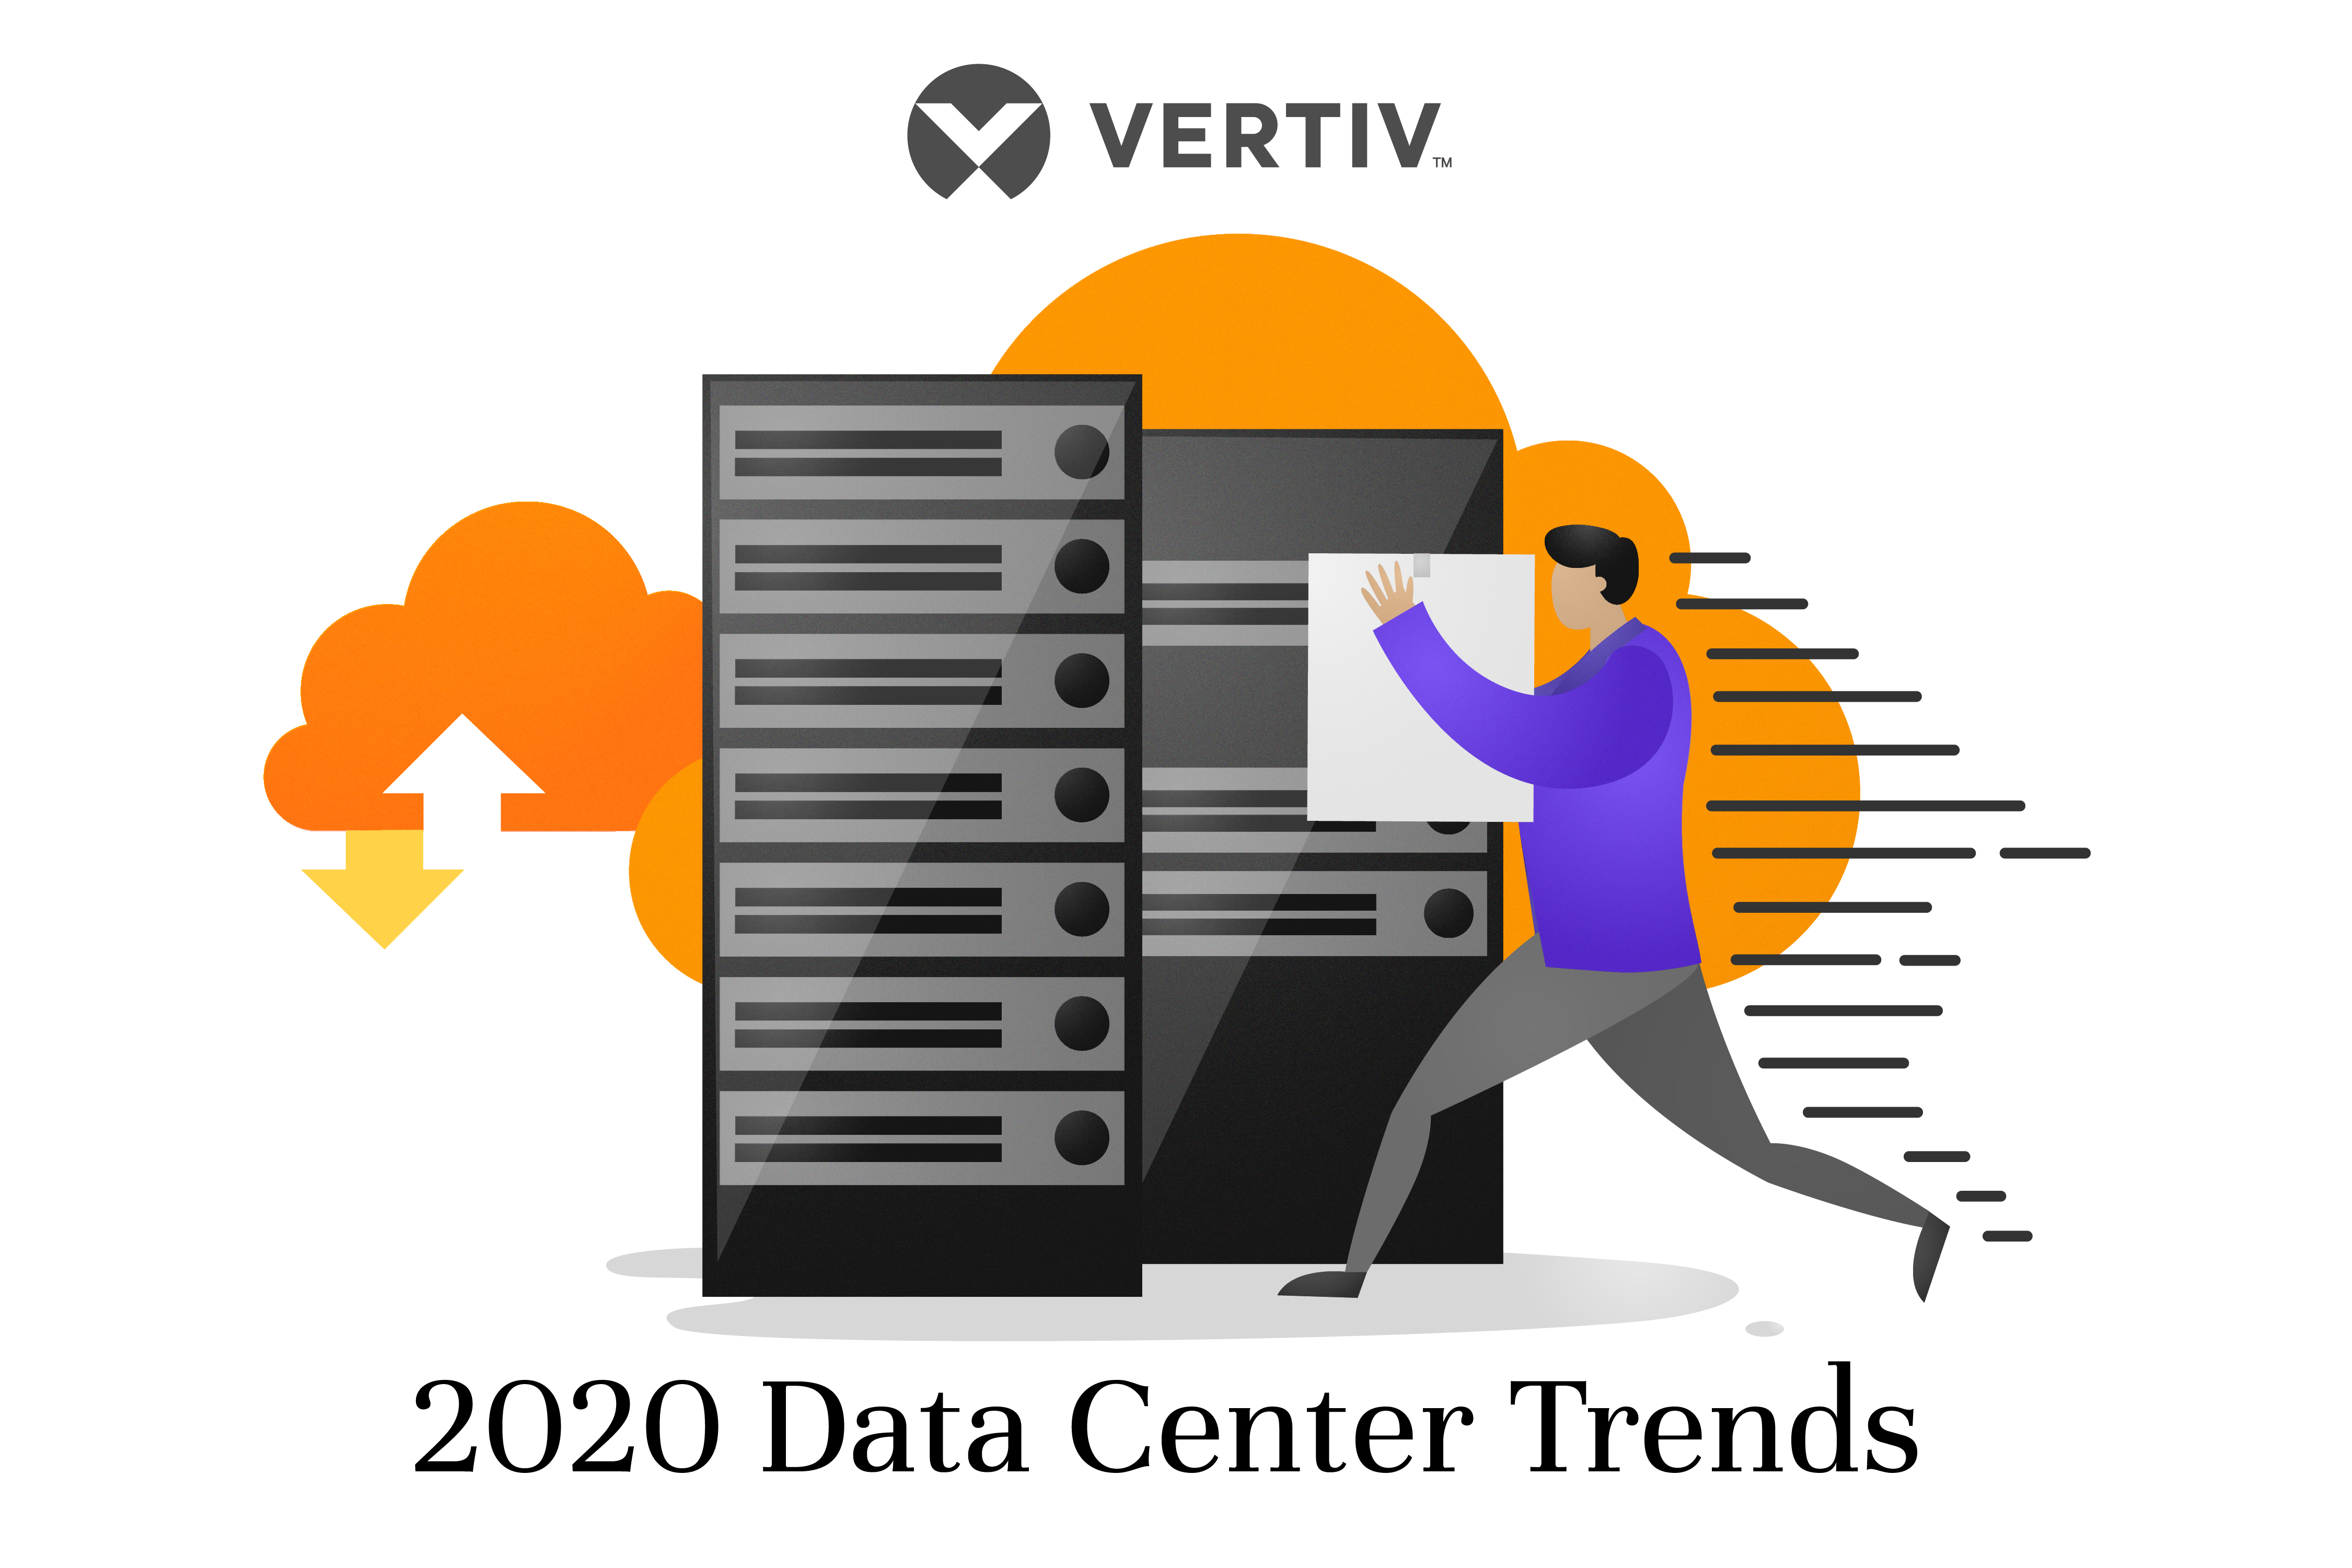 Vertiv_2020_Data_Center_Trends